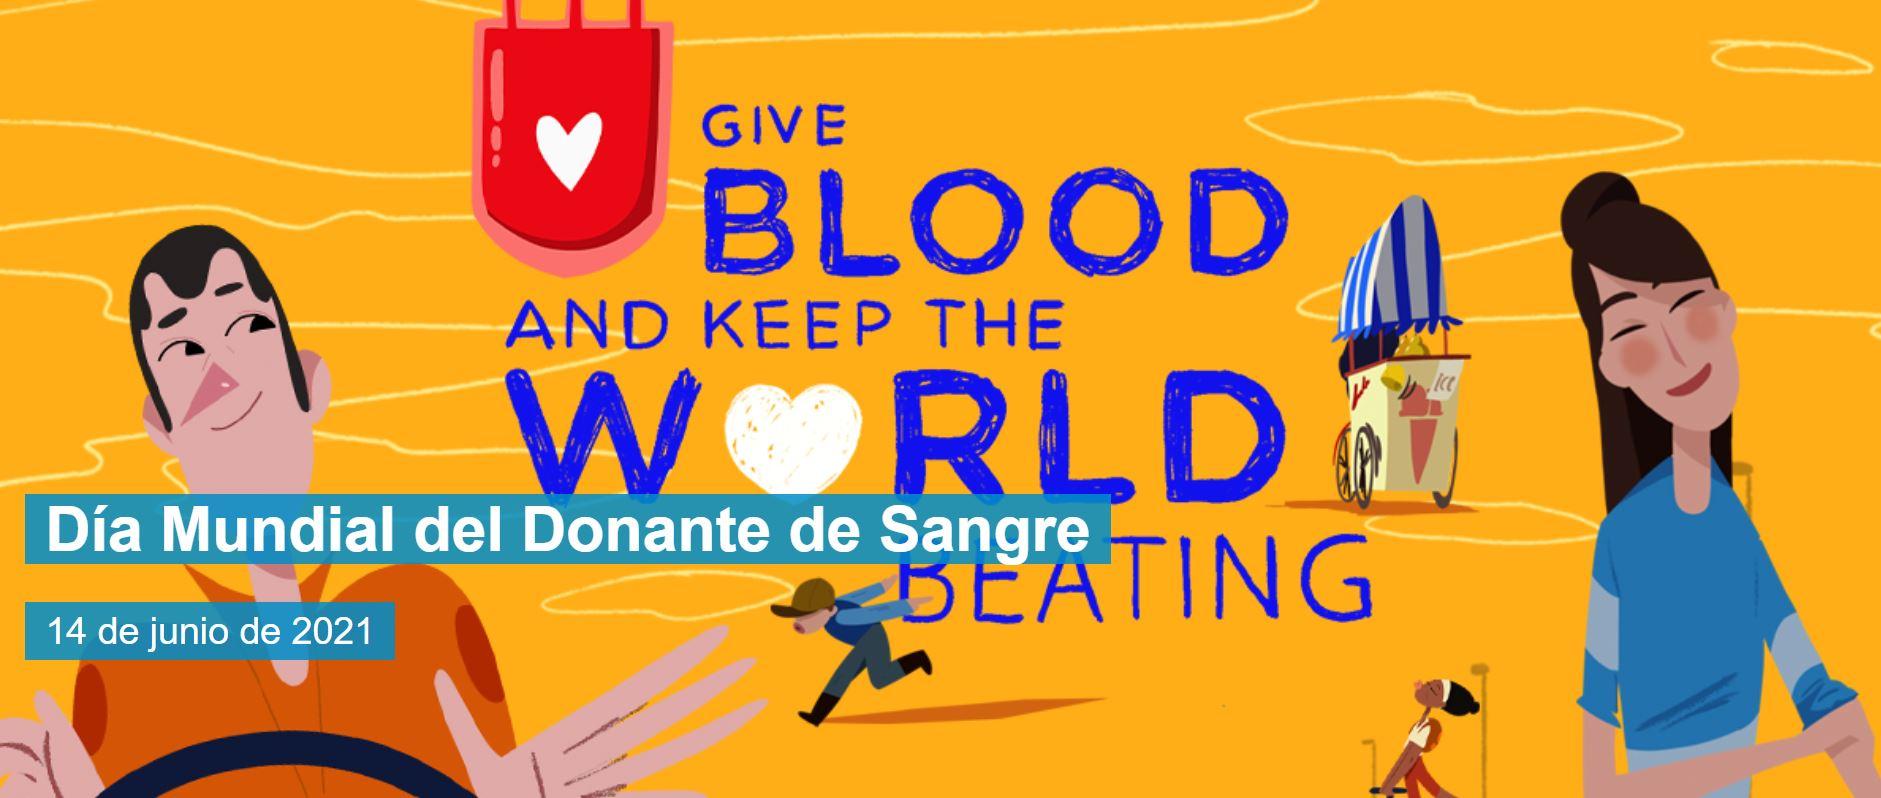 imagen Día Mundial del Donante de Sangre